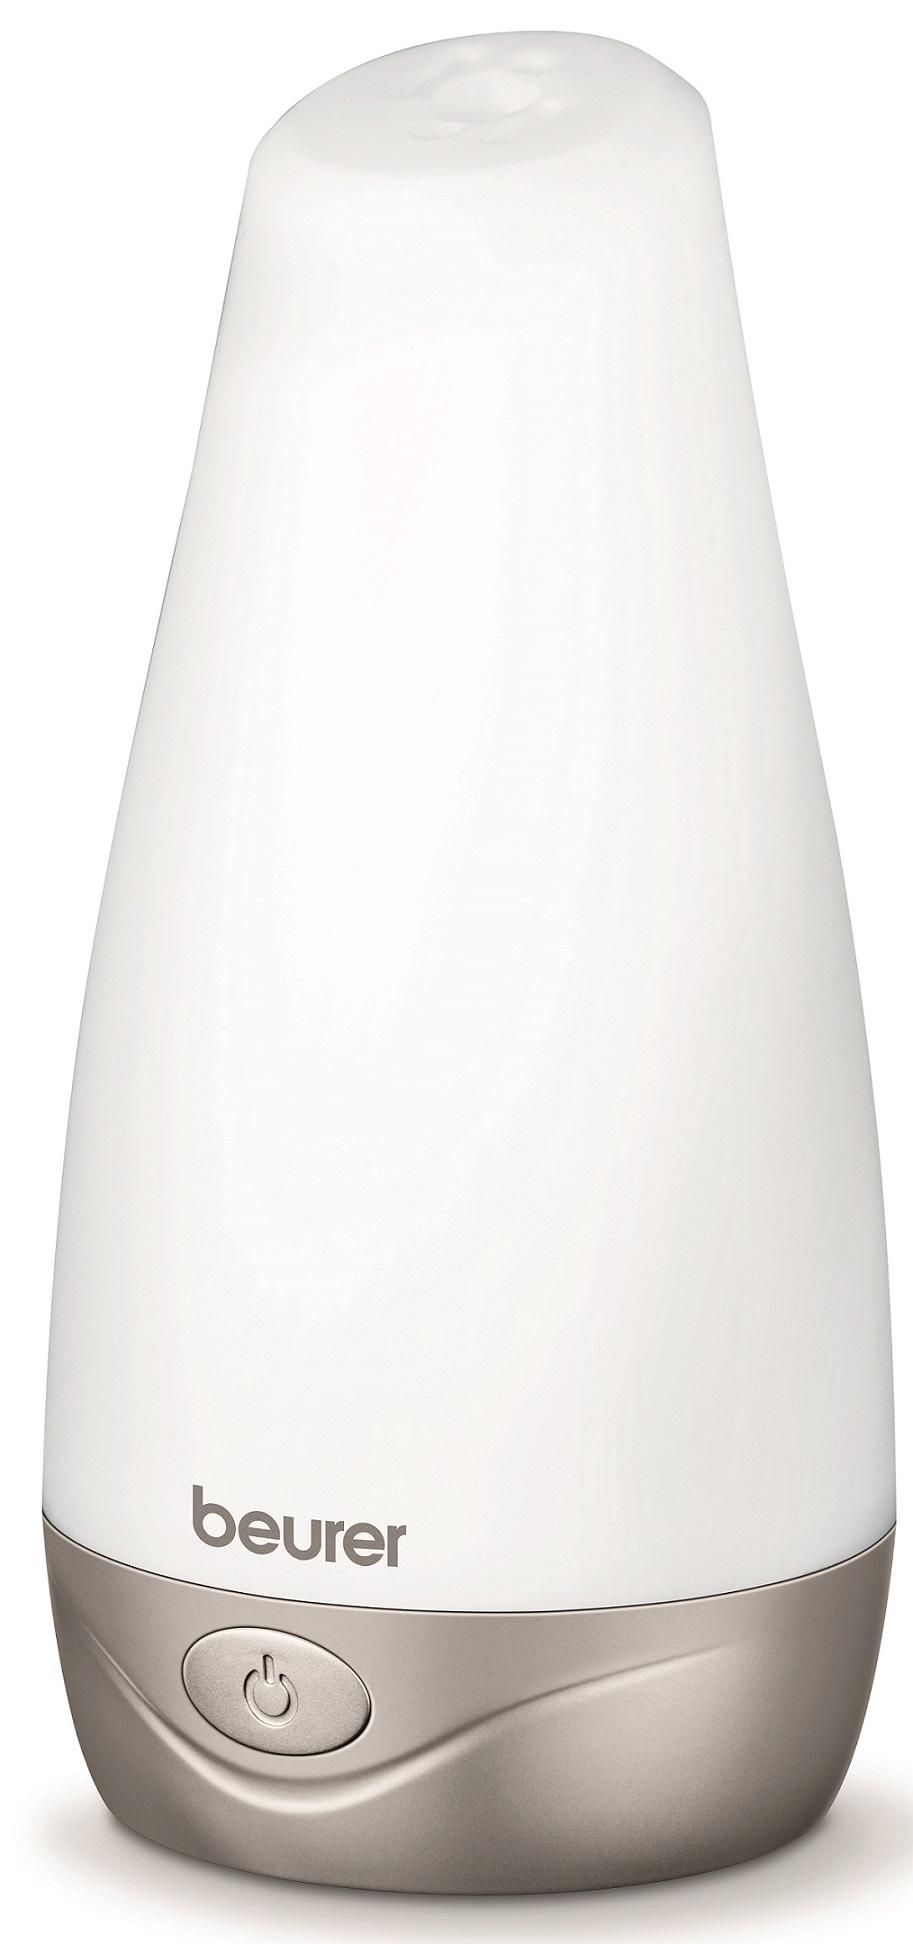 Beurer LA30 - �������������� ���������� ������� (Silver)